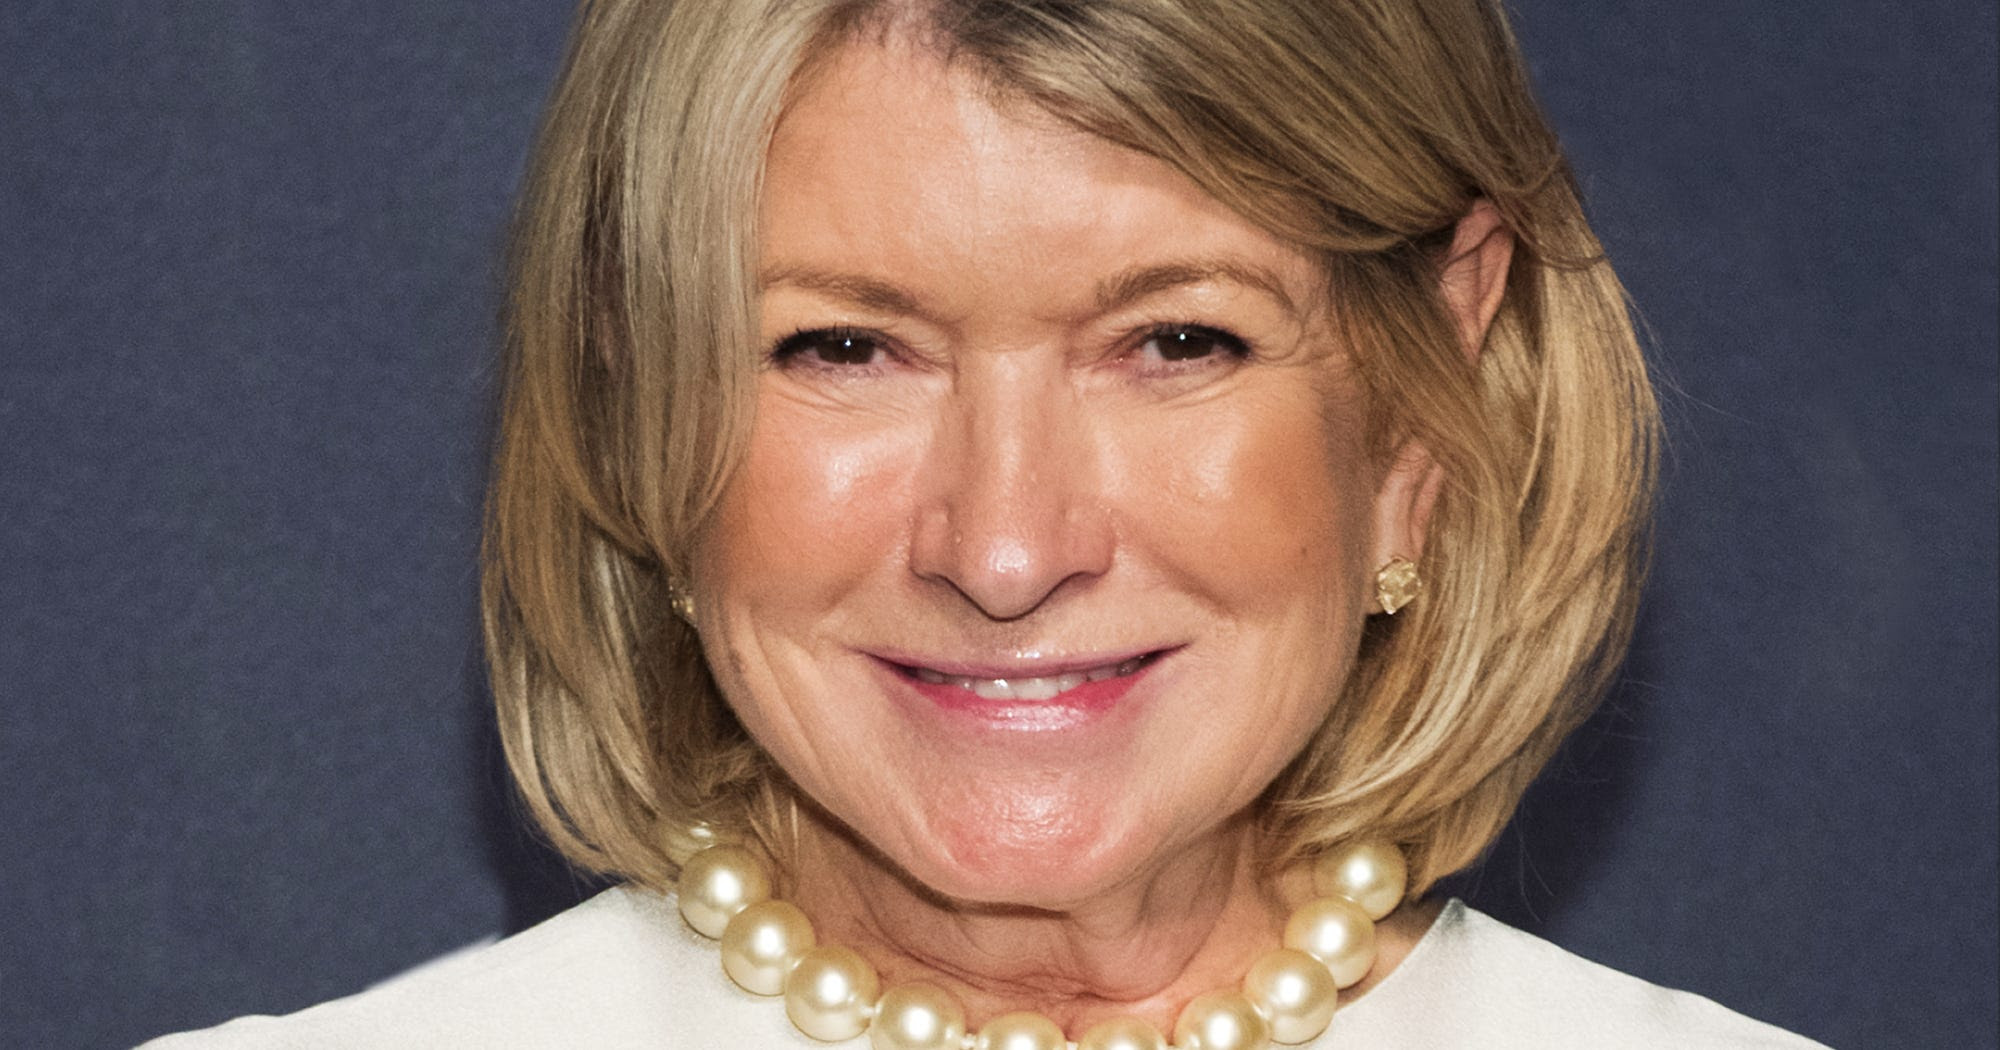 via0.com - Martha Stewart Mario Batali Cinnamon Roll Response